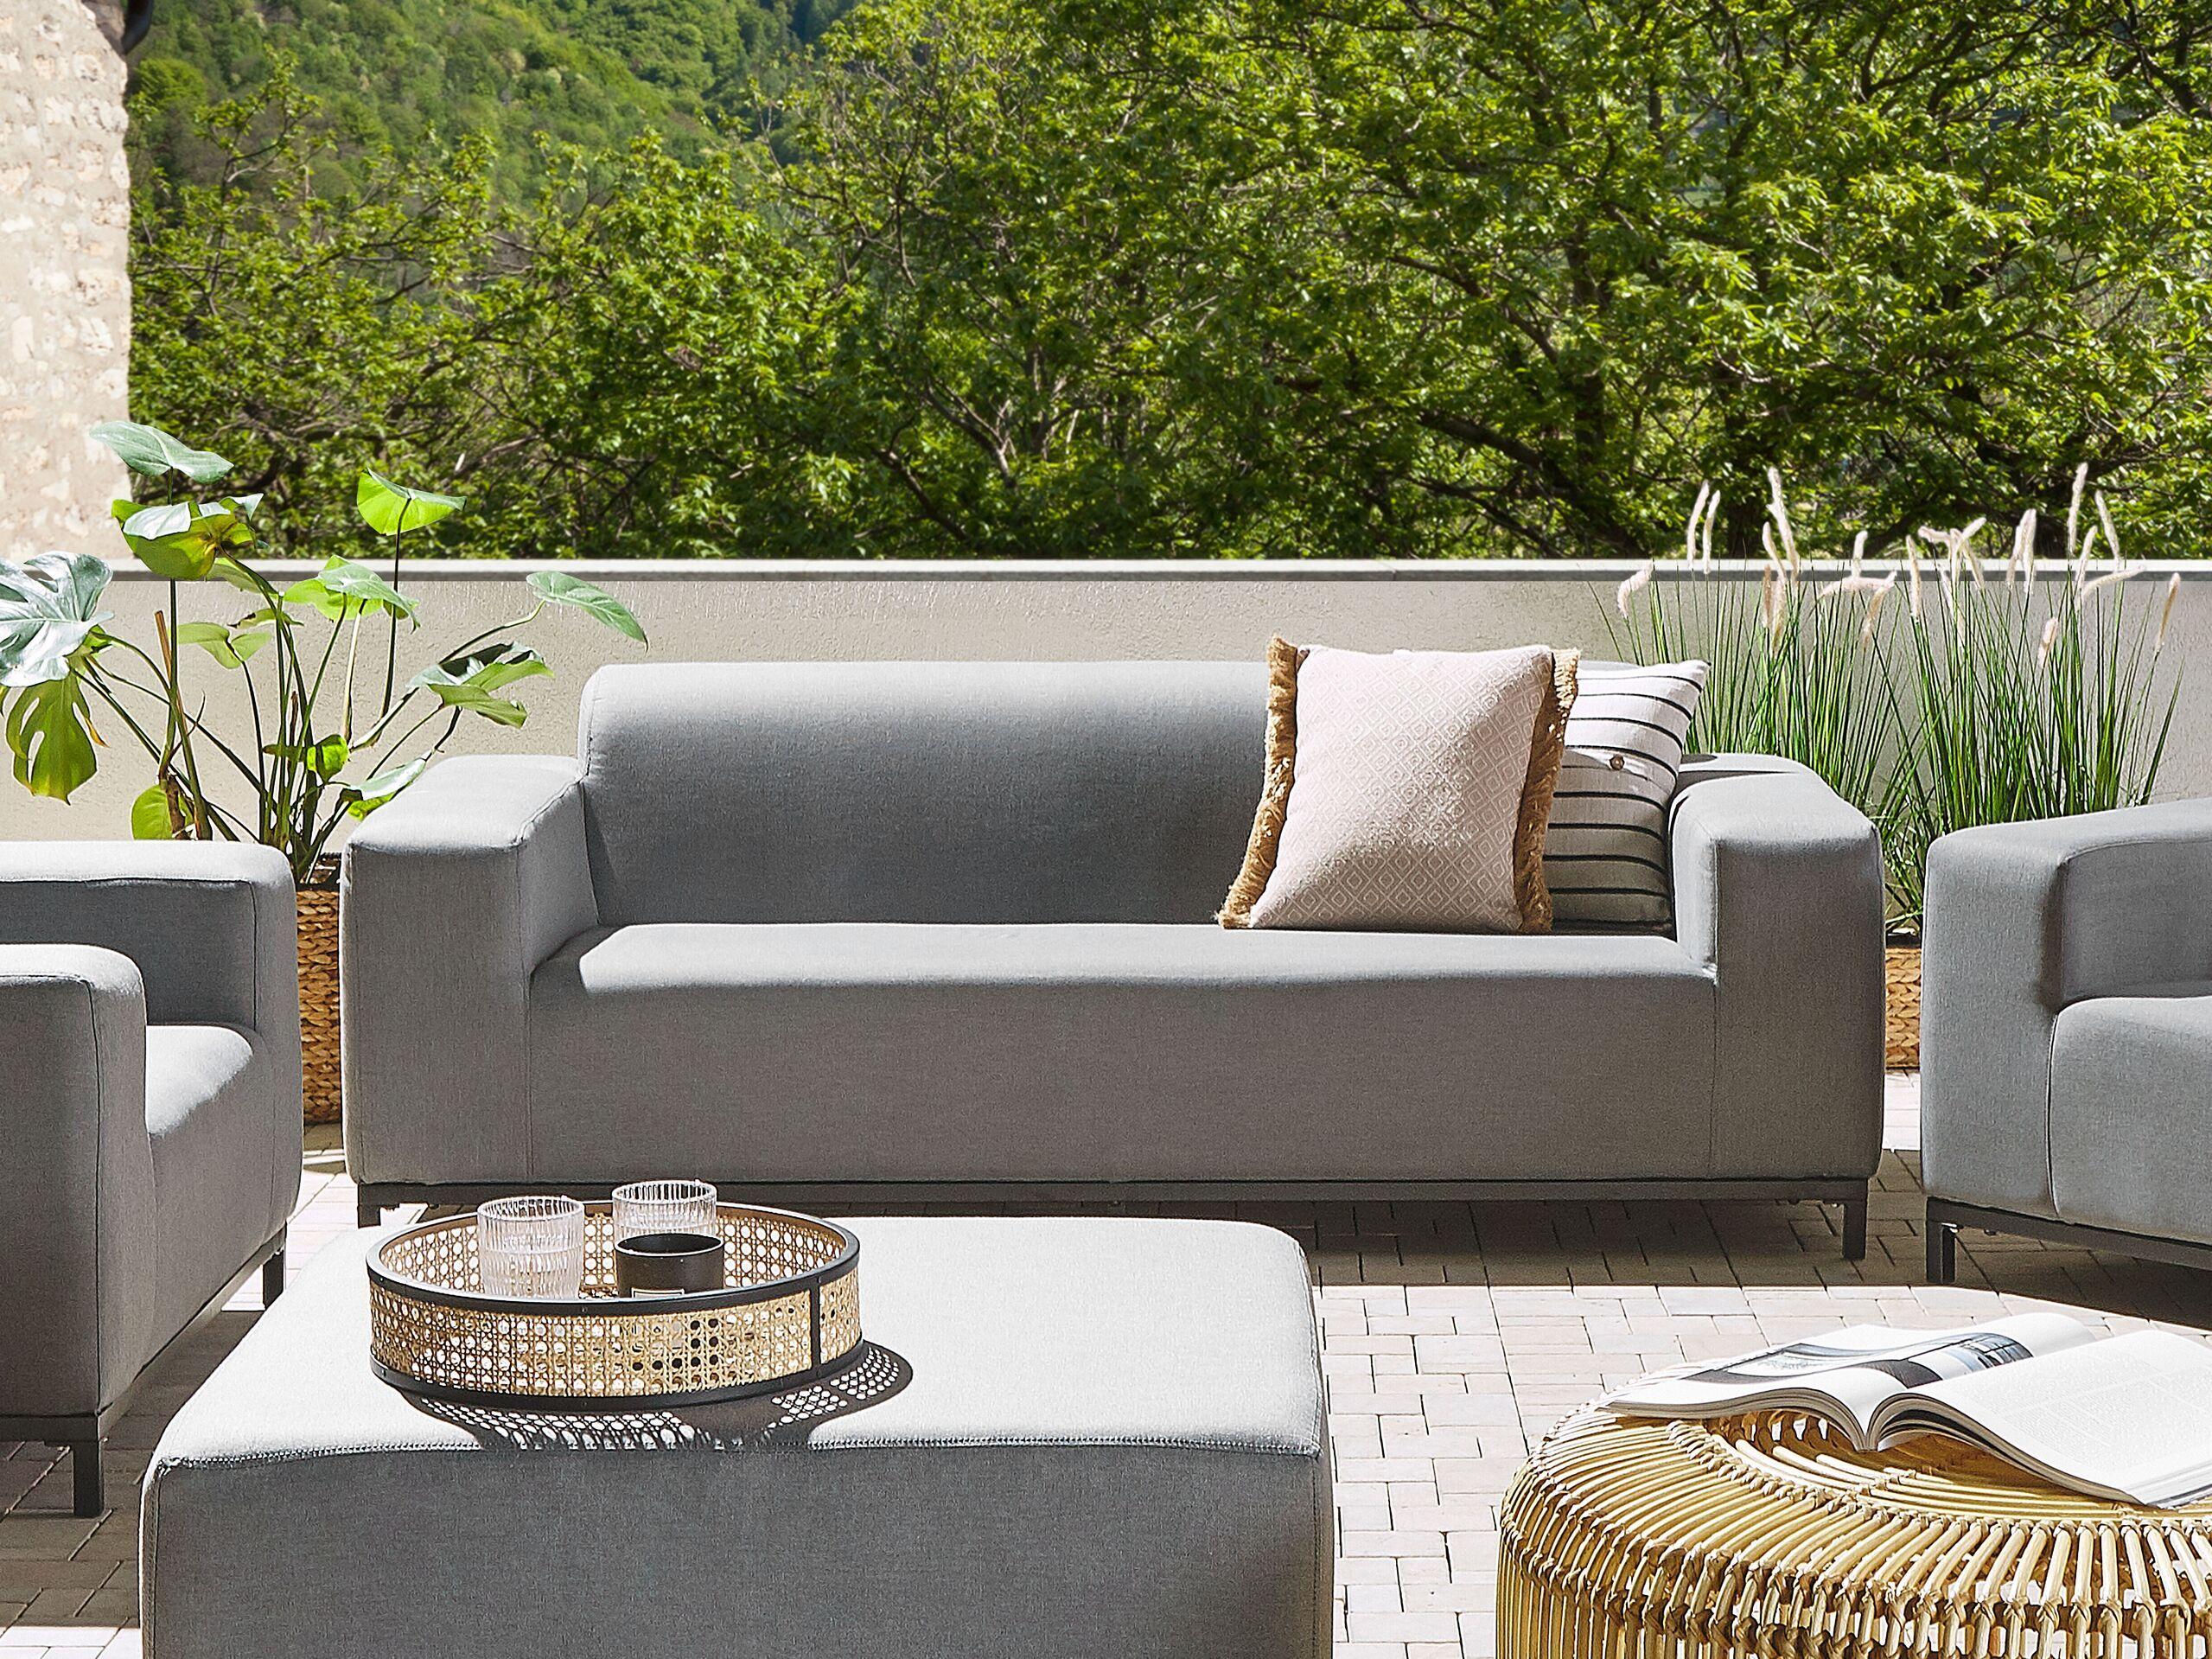 beliani divano in tessuto grigio struttura nera per interni ed esterni moderno